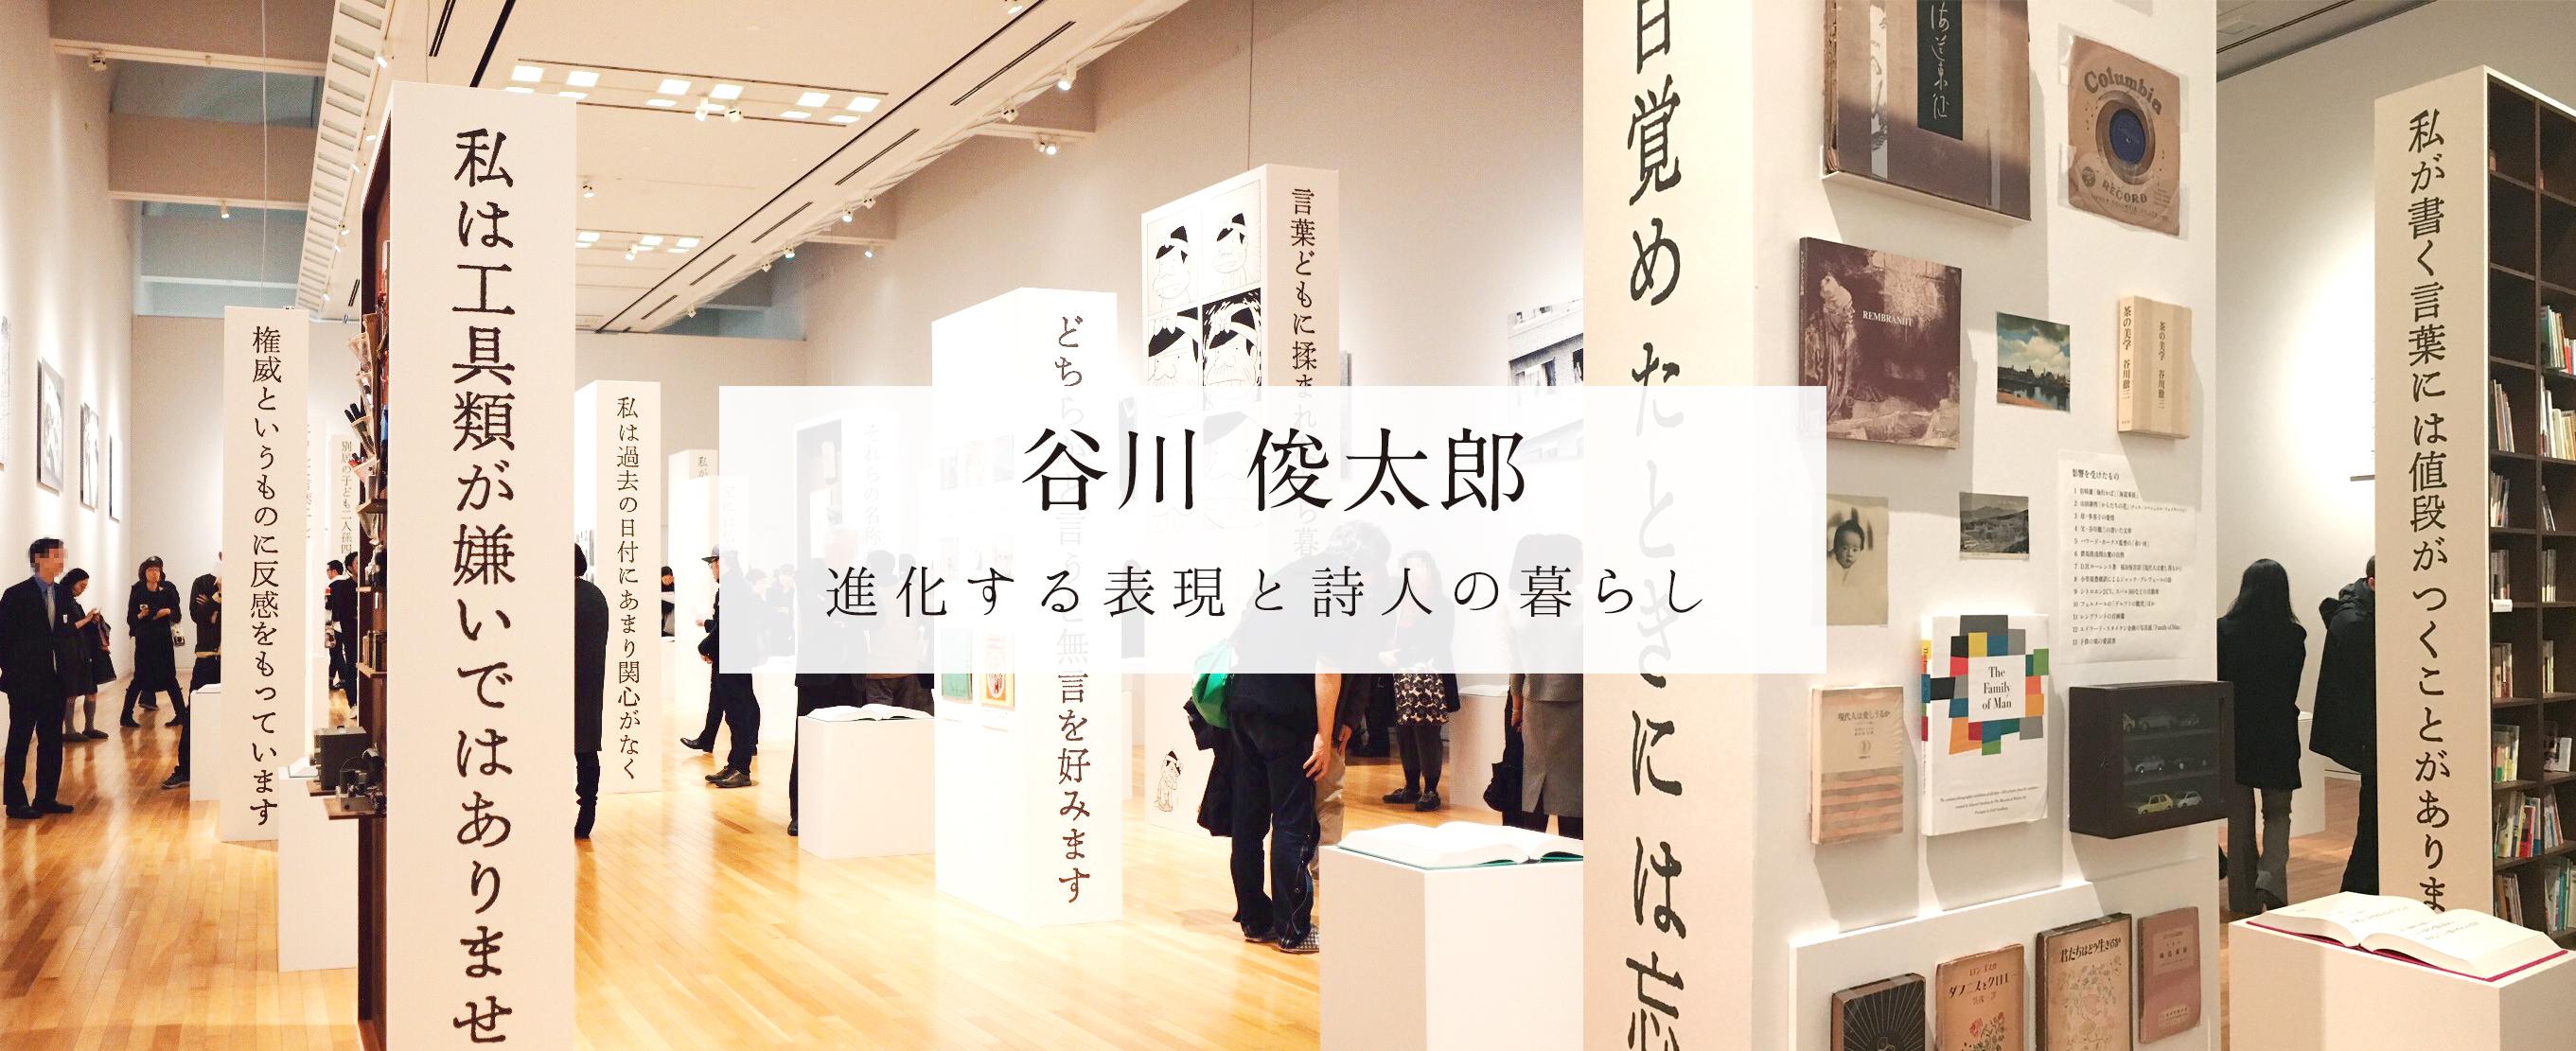 谷川俊太郎 進化する表現と詩人の暮らし